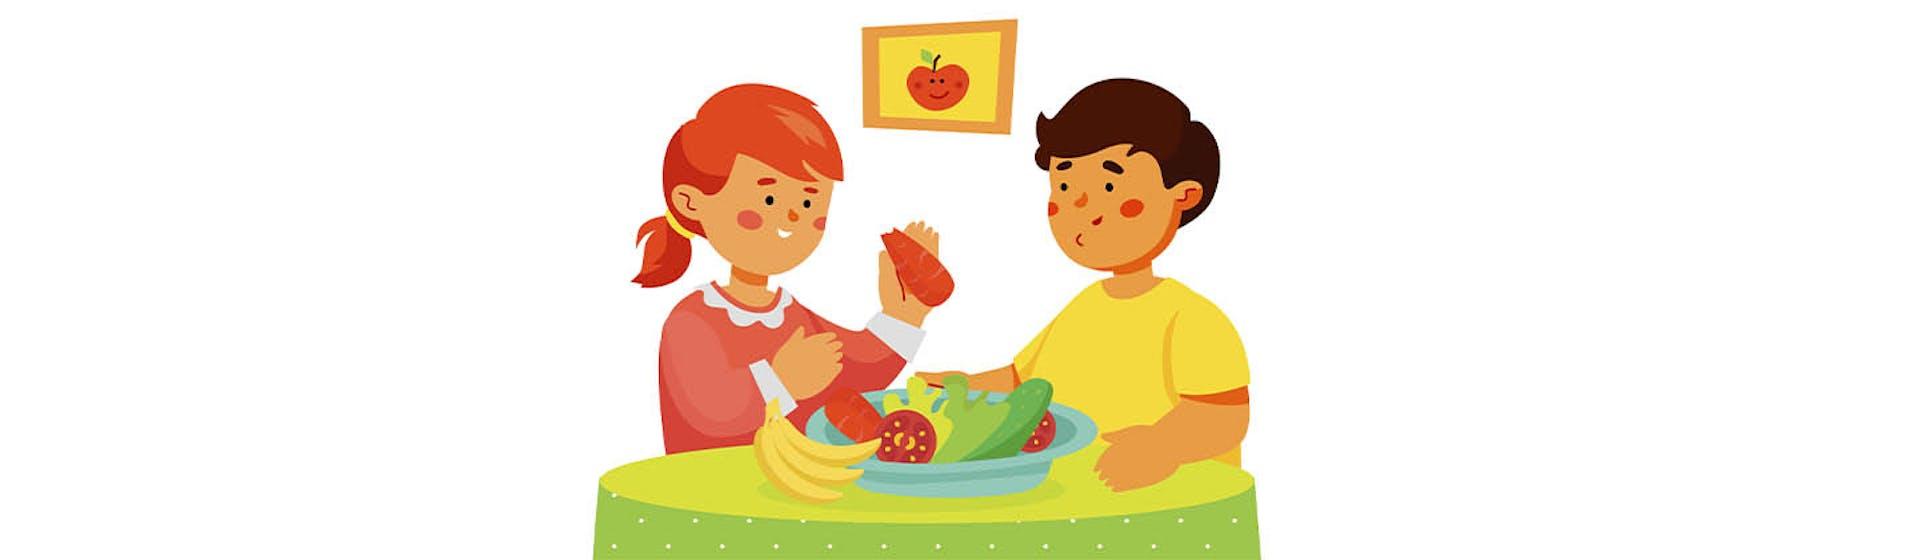 Descubre qué tipos de nutrientes ingerimos y cómo favorecen a una mejor alimentación saludable